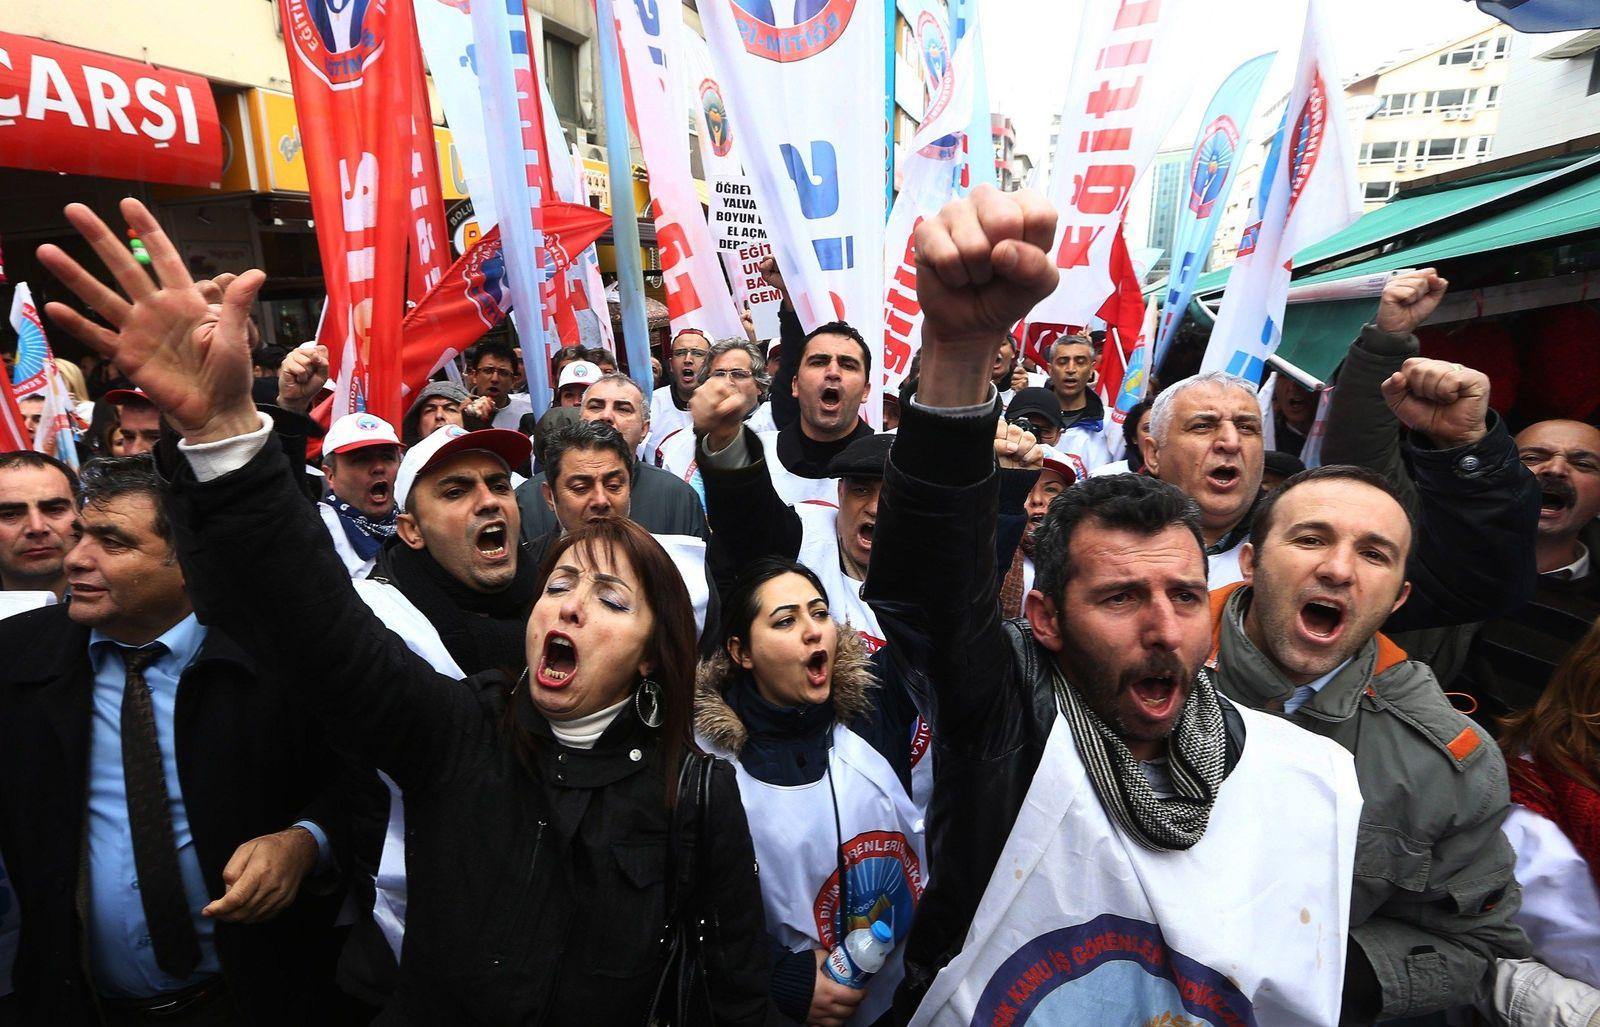 Türkei / Proteste gegen Regierung